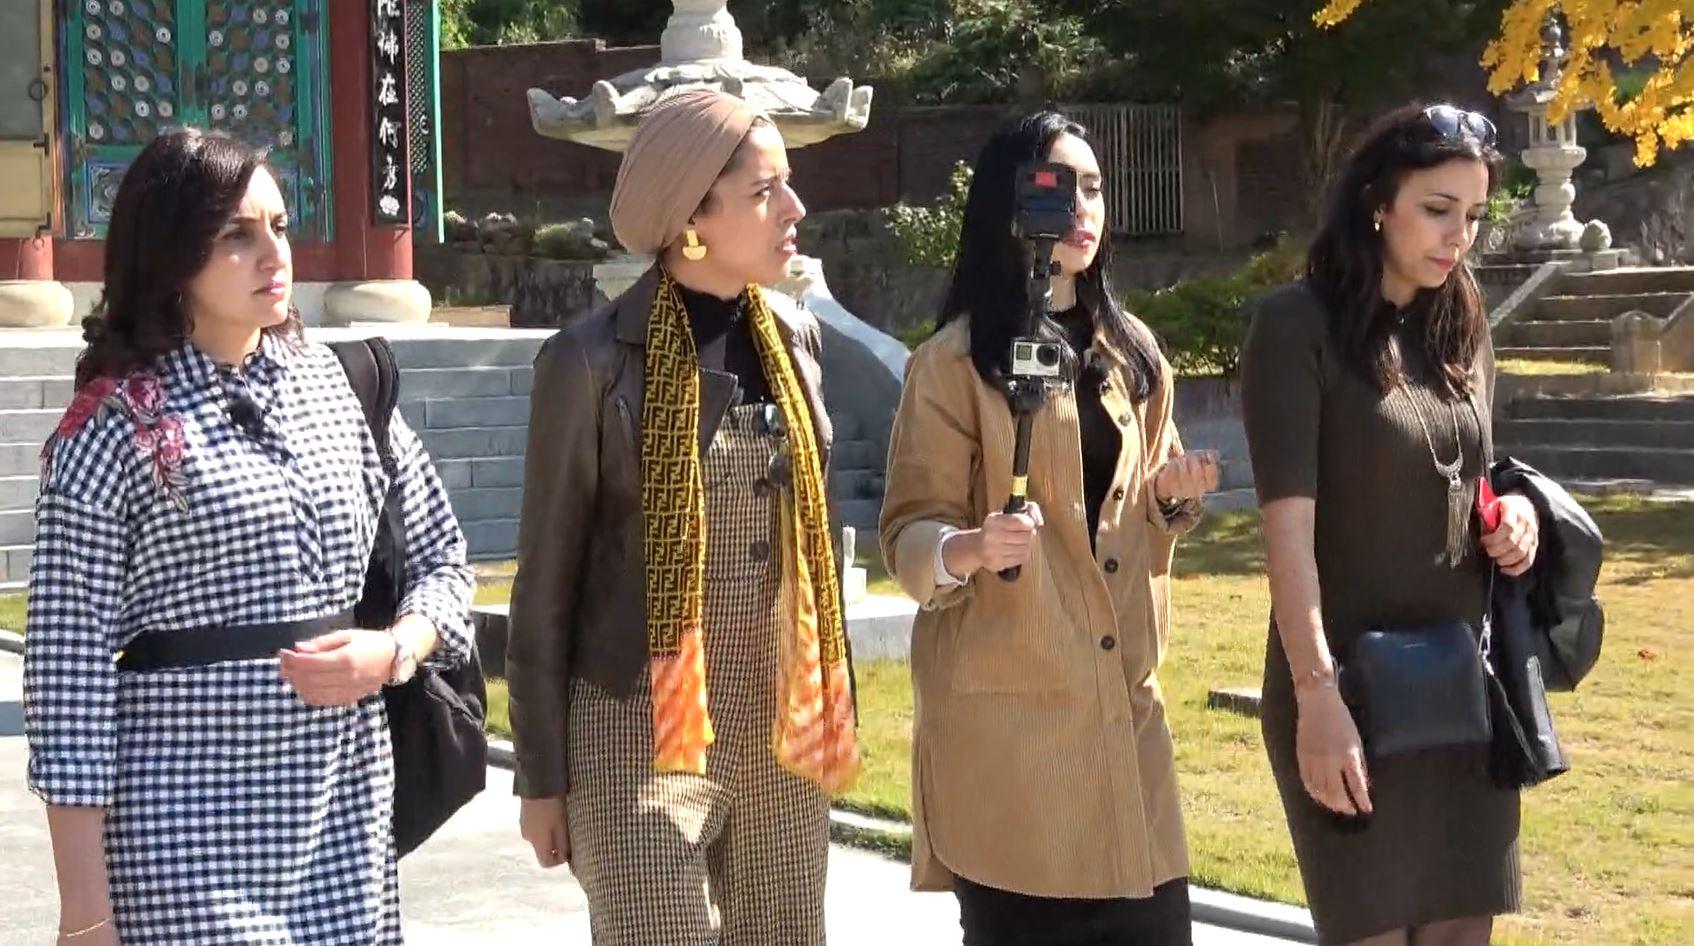 '어서와 한국은 처음이지?' 모로코 친구들의 '평화롭고 아름다운' 한국 가을 사찰 방문기